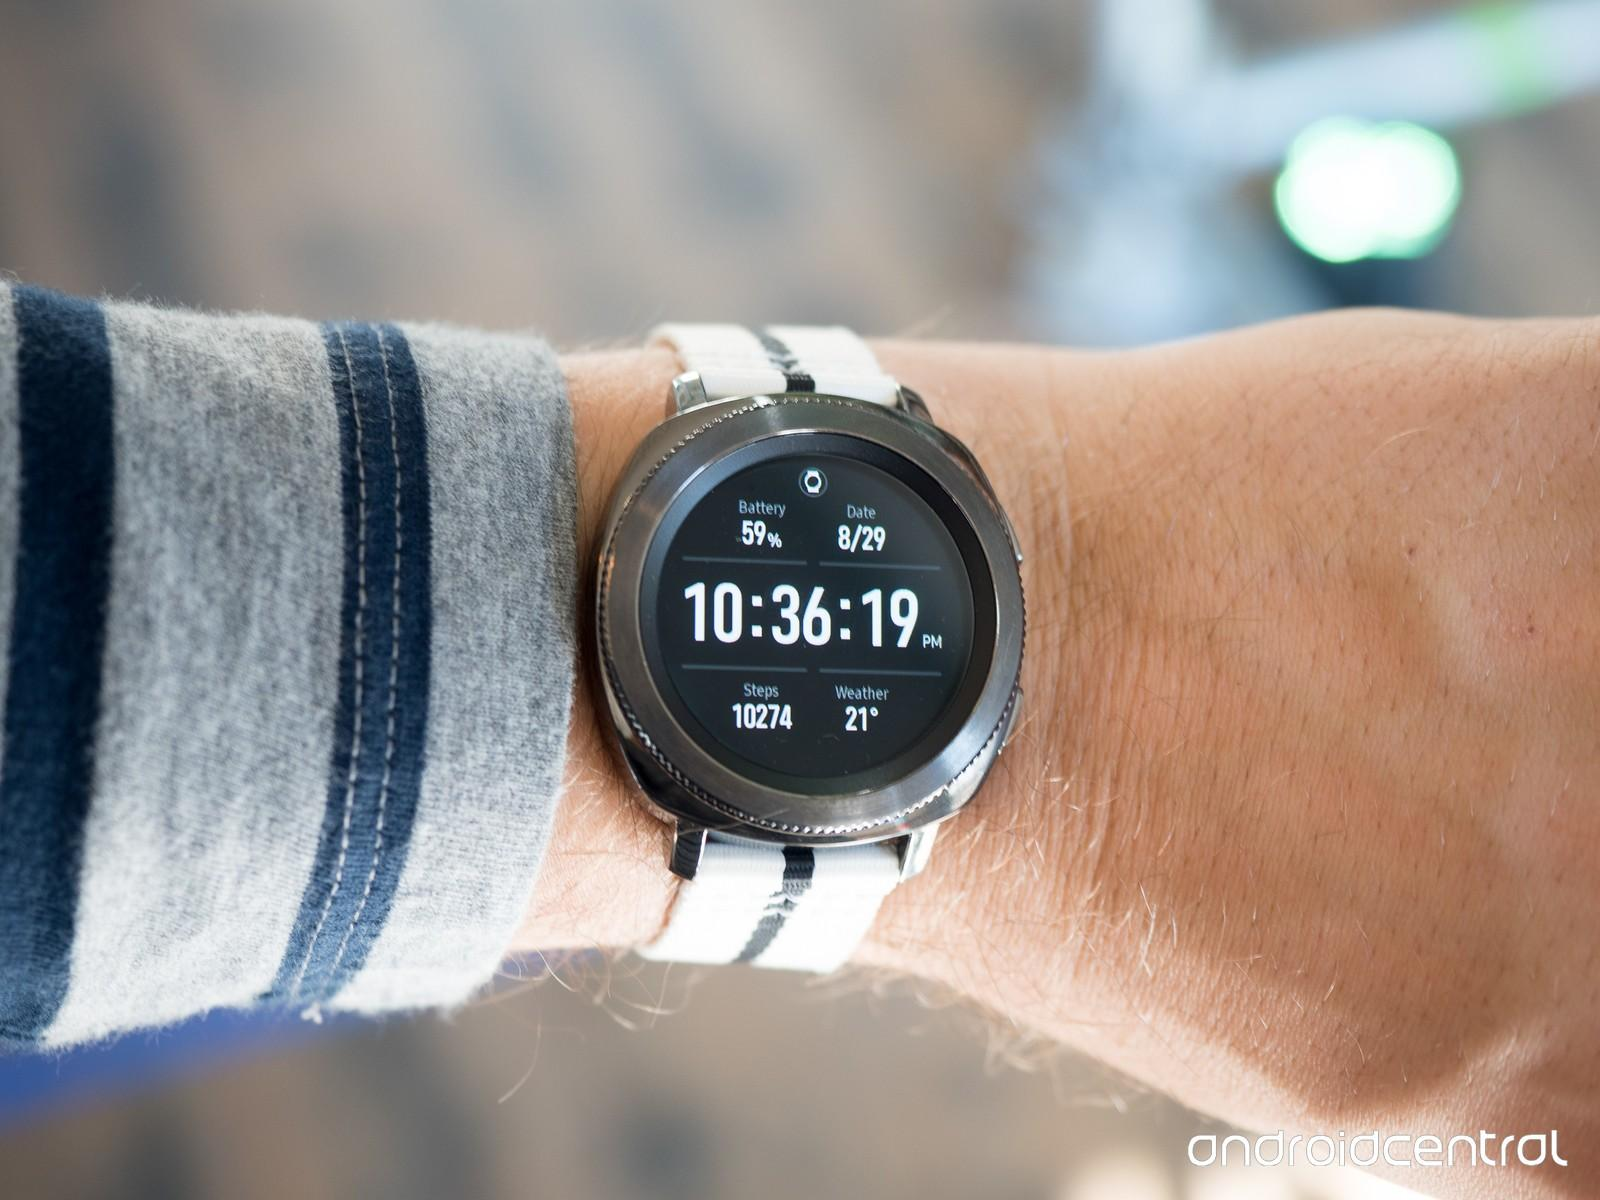 Лучшие смартфон, планшет, умные часы 2017 года по версии западных СМИ